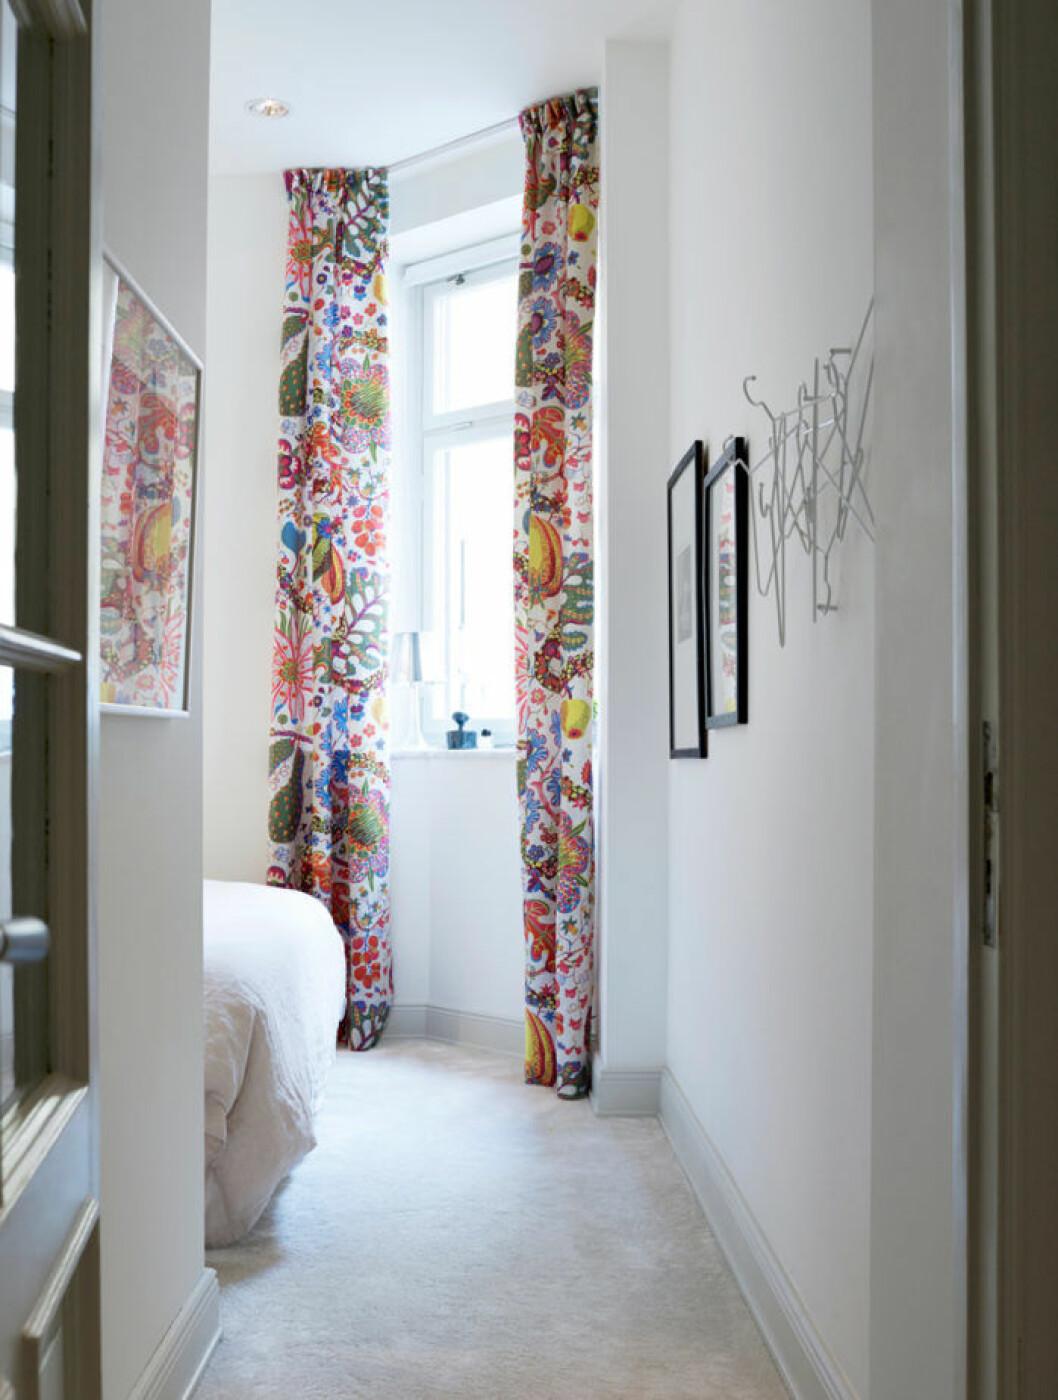 Mönstrade och färgglada gardiner.